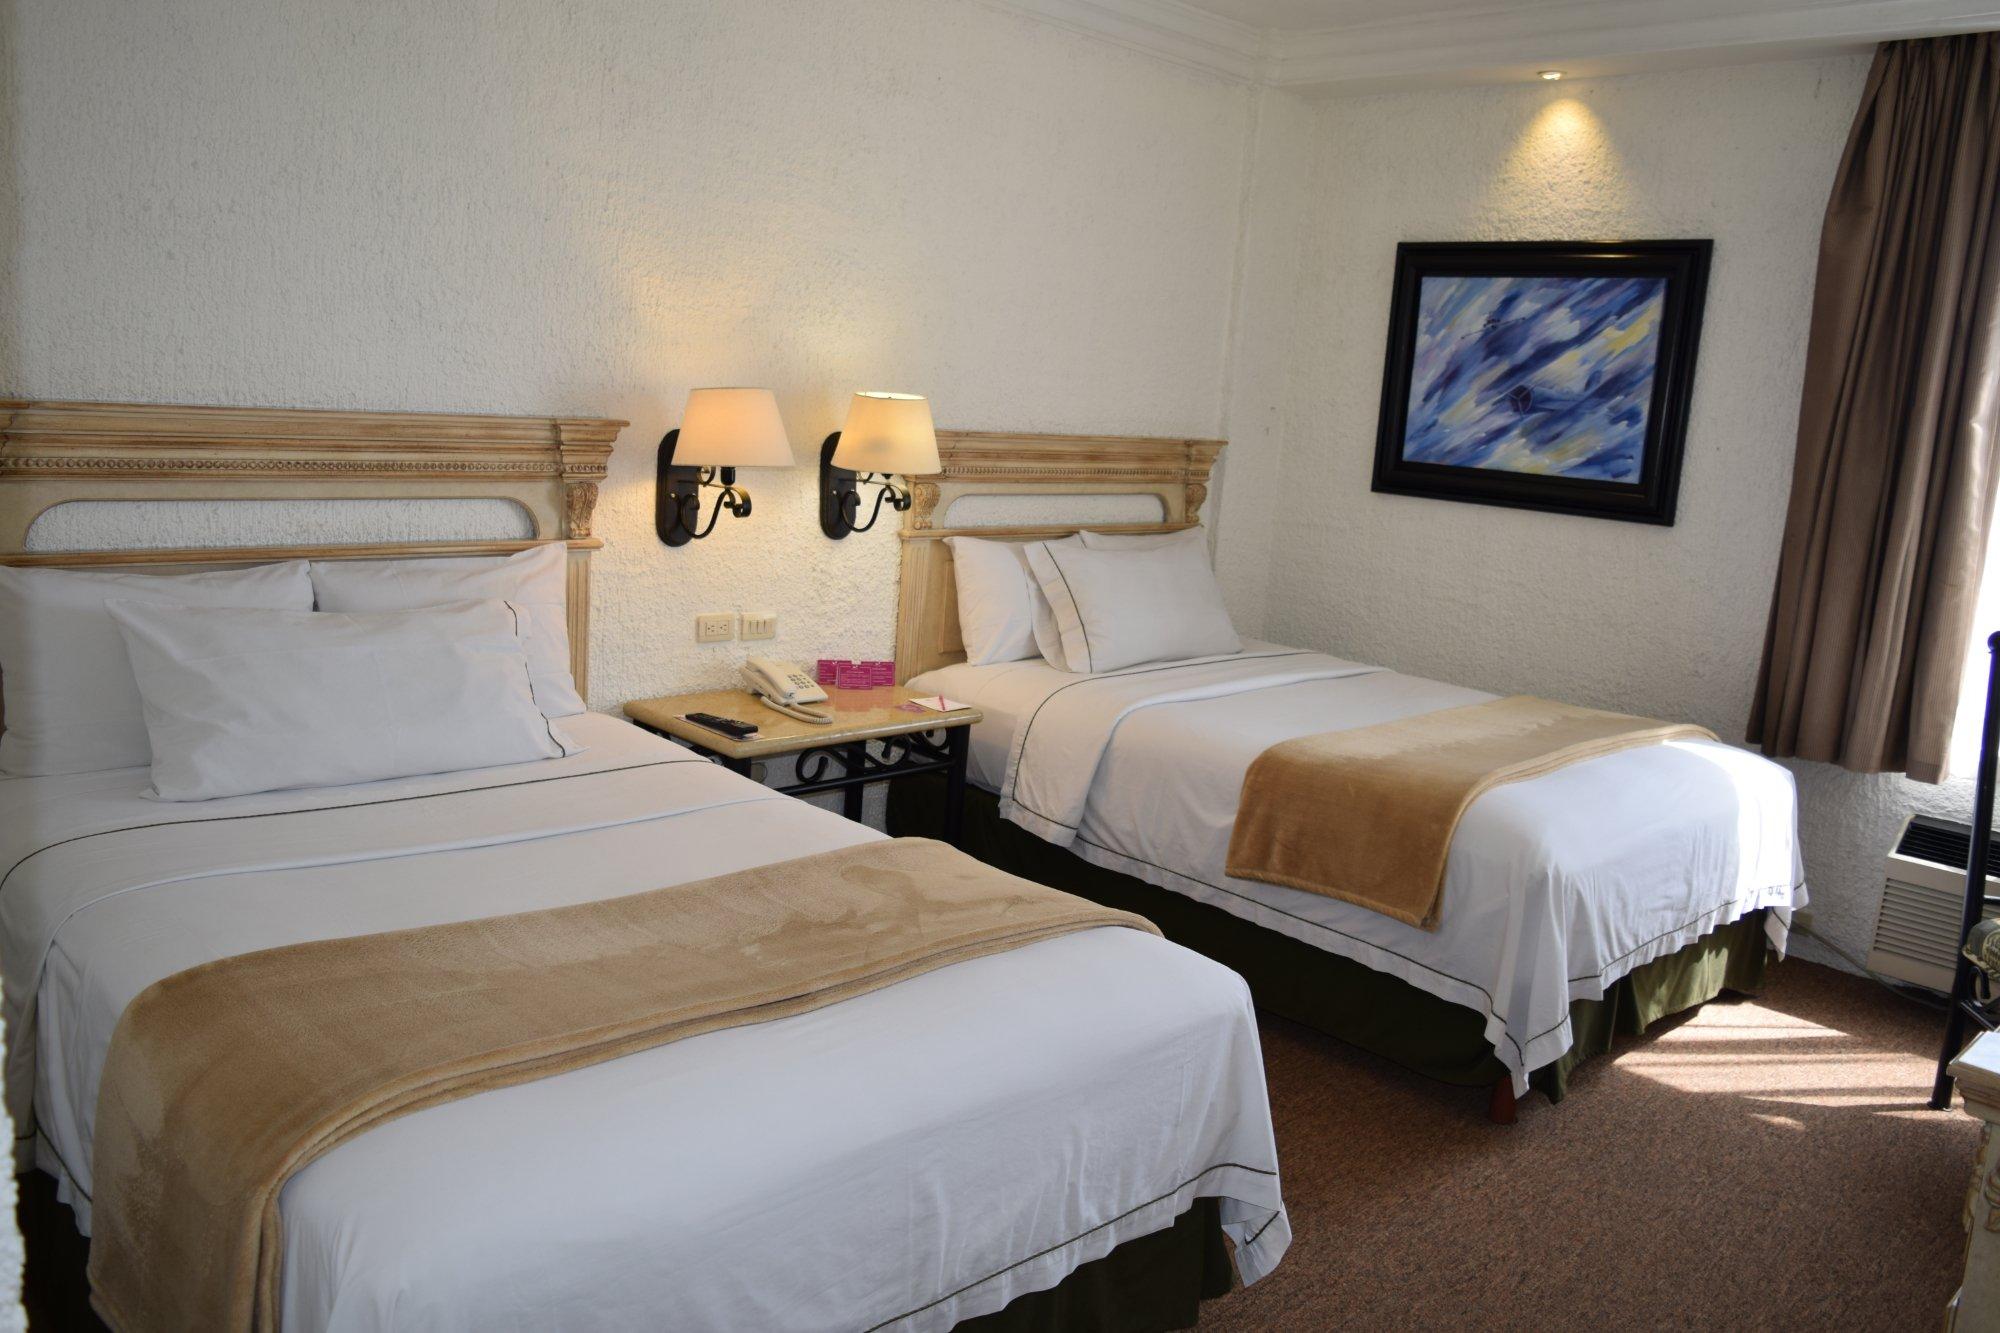 杜蘭戈維多利亞快捷飯店